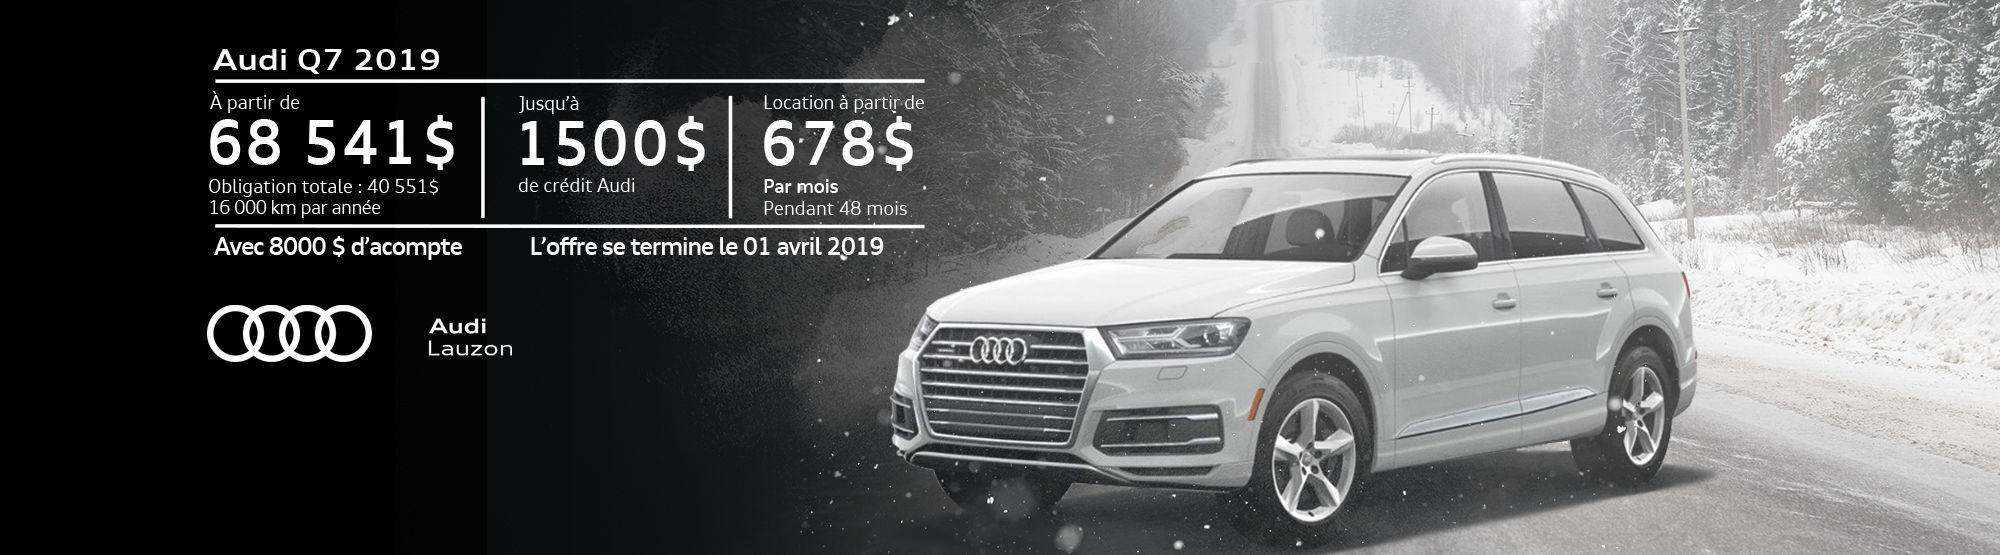 Audi Q7 mars 2019